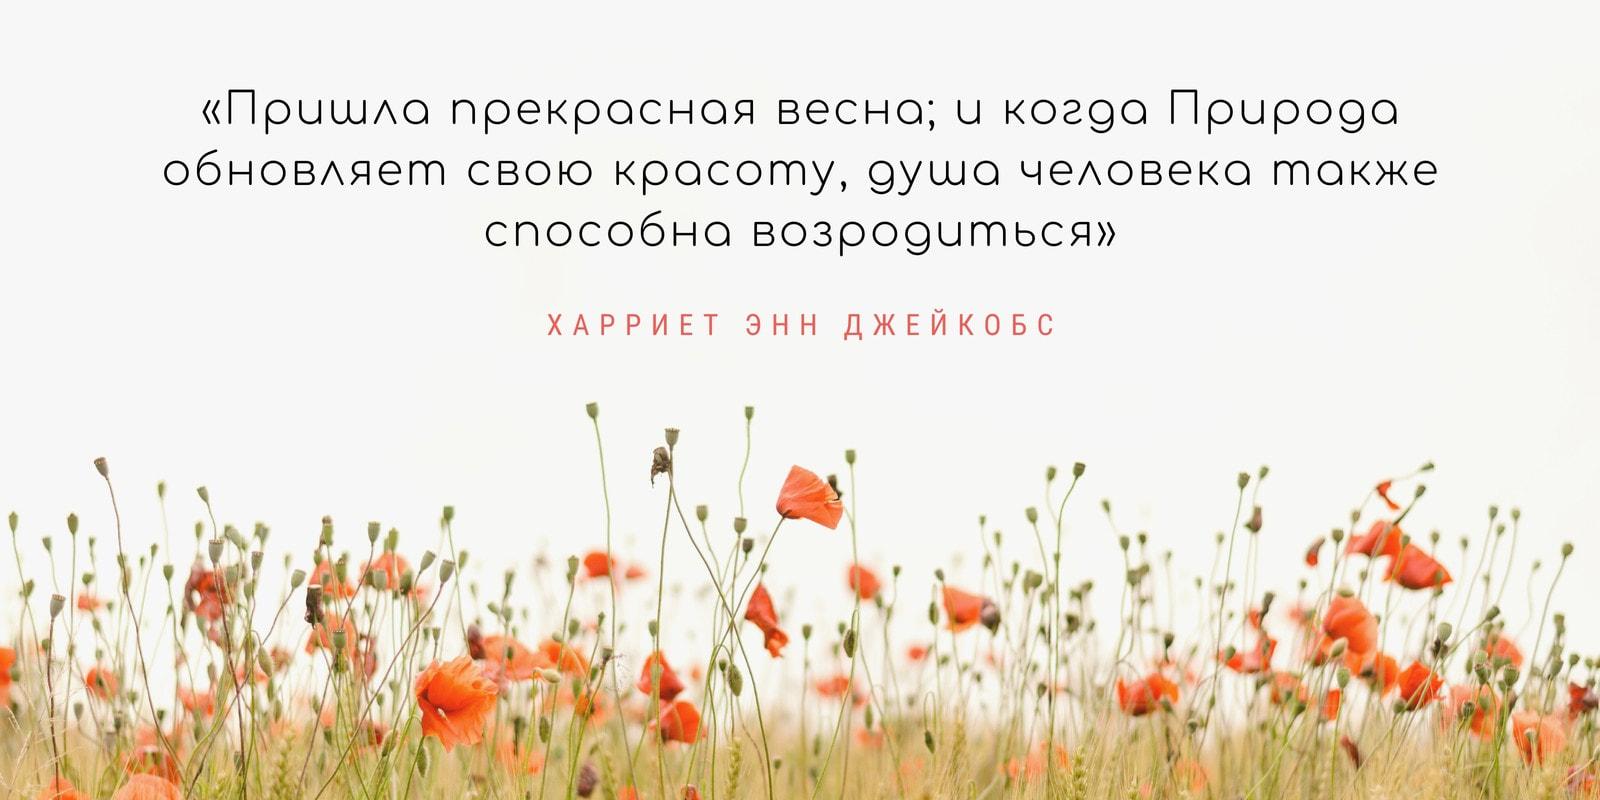 Кремово-персиковая Фотография Цитата о Весне Публикация в Twitter